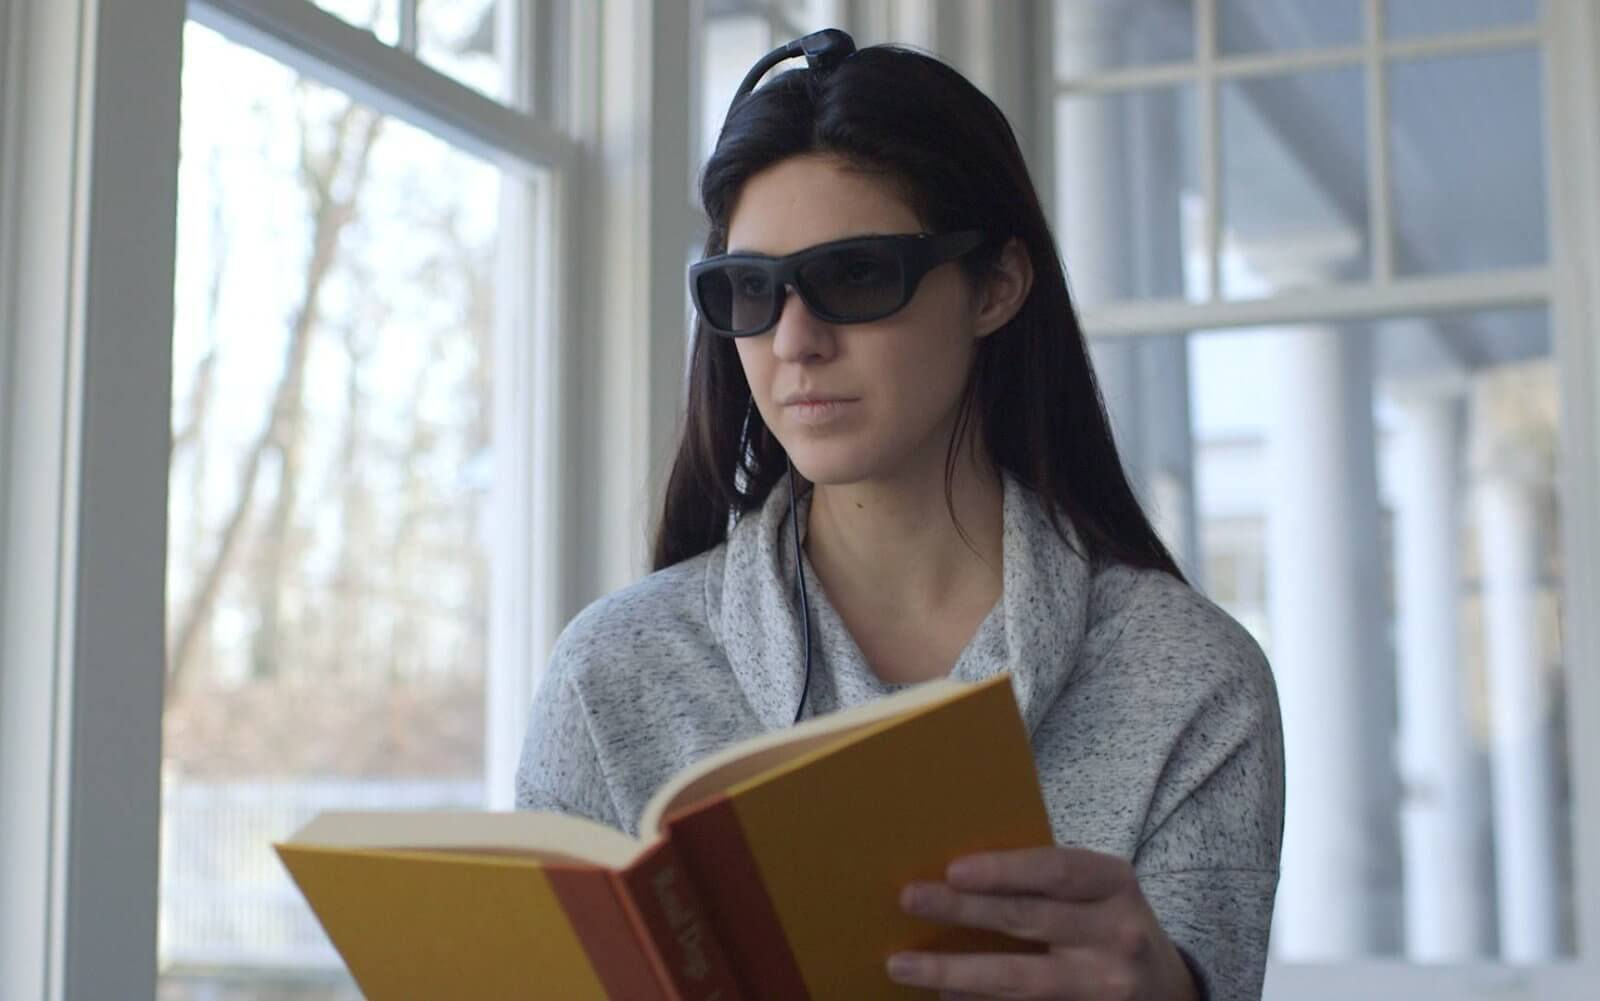 Очки для тренировки концентрации